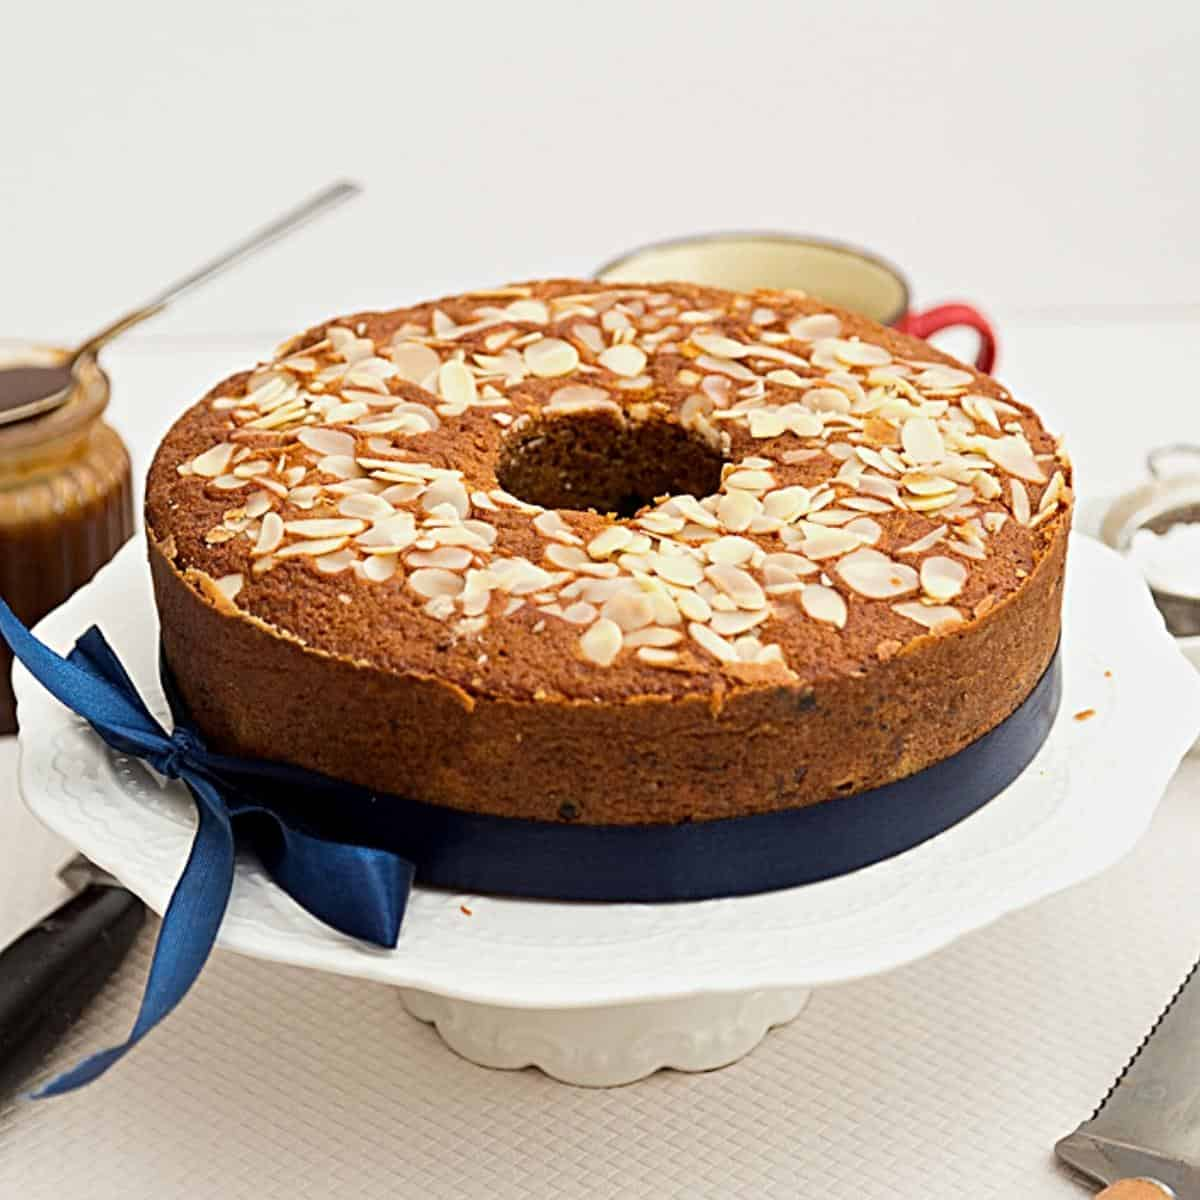 A fruitcake on a cake stand.